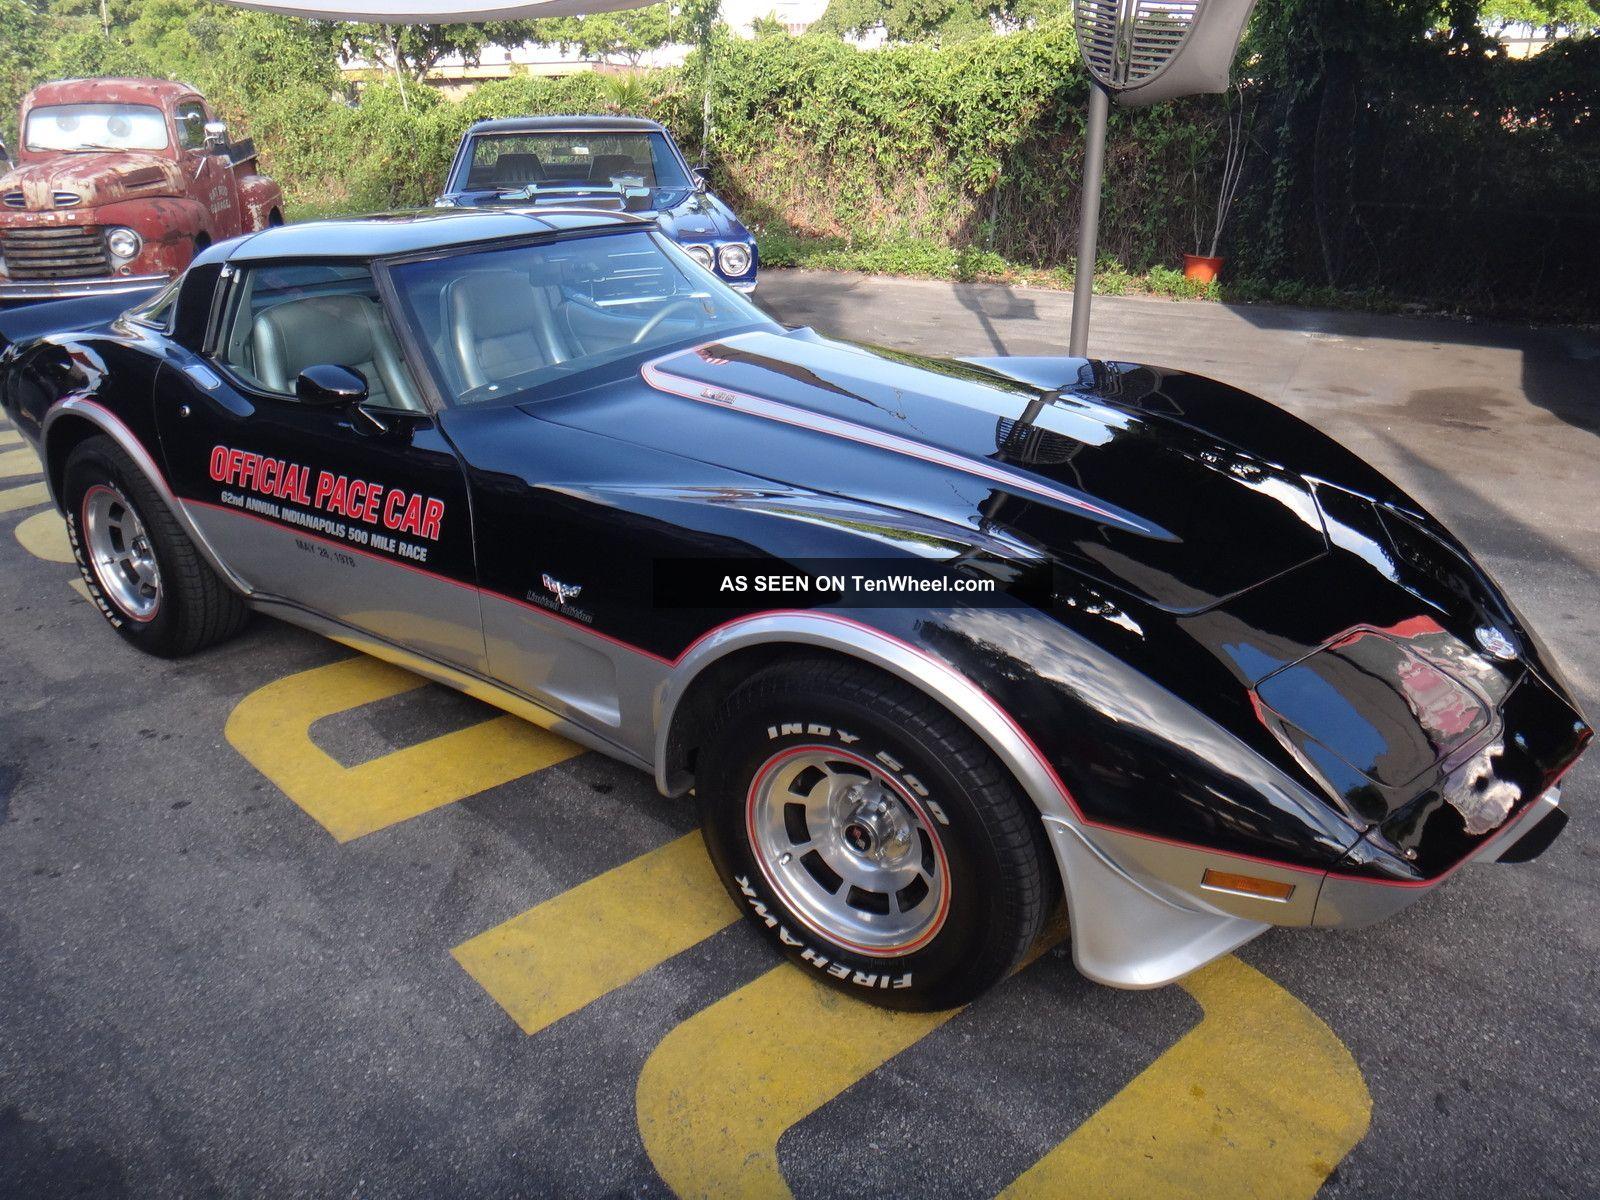 1978 Chevy Corvette Pace Car 4397 Show Car Cold A / C Corvette photo